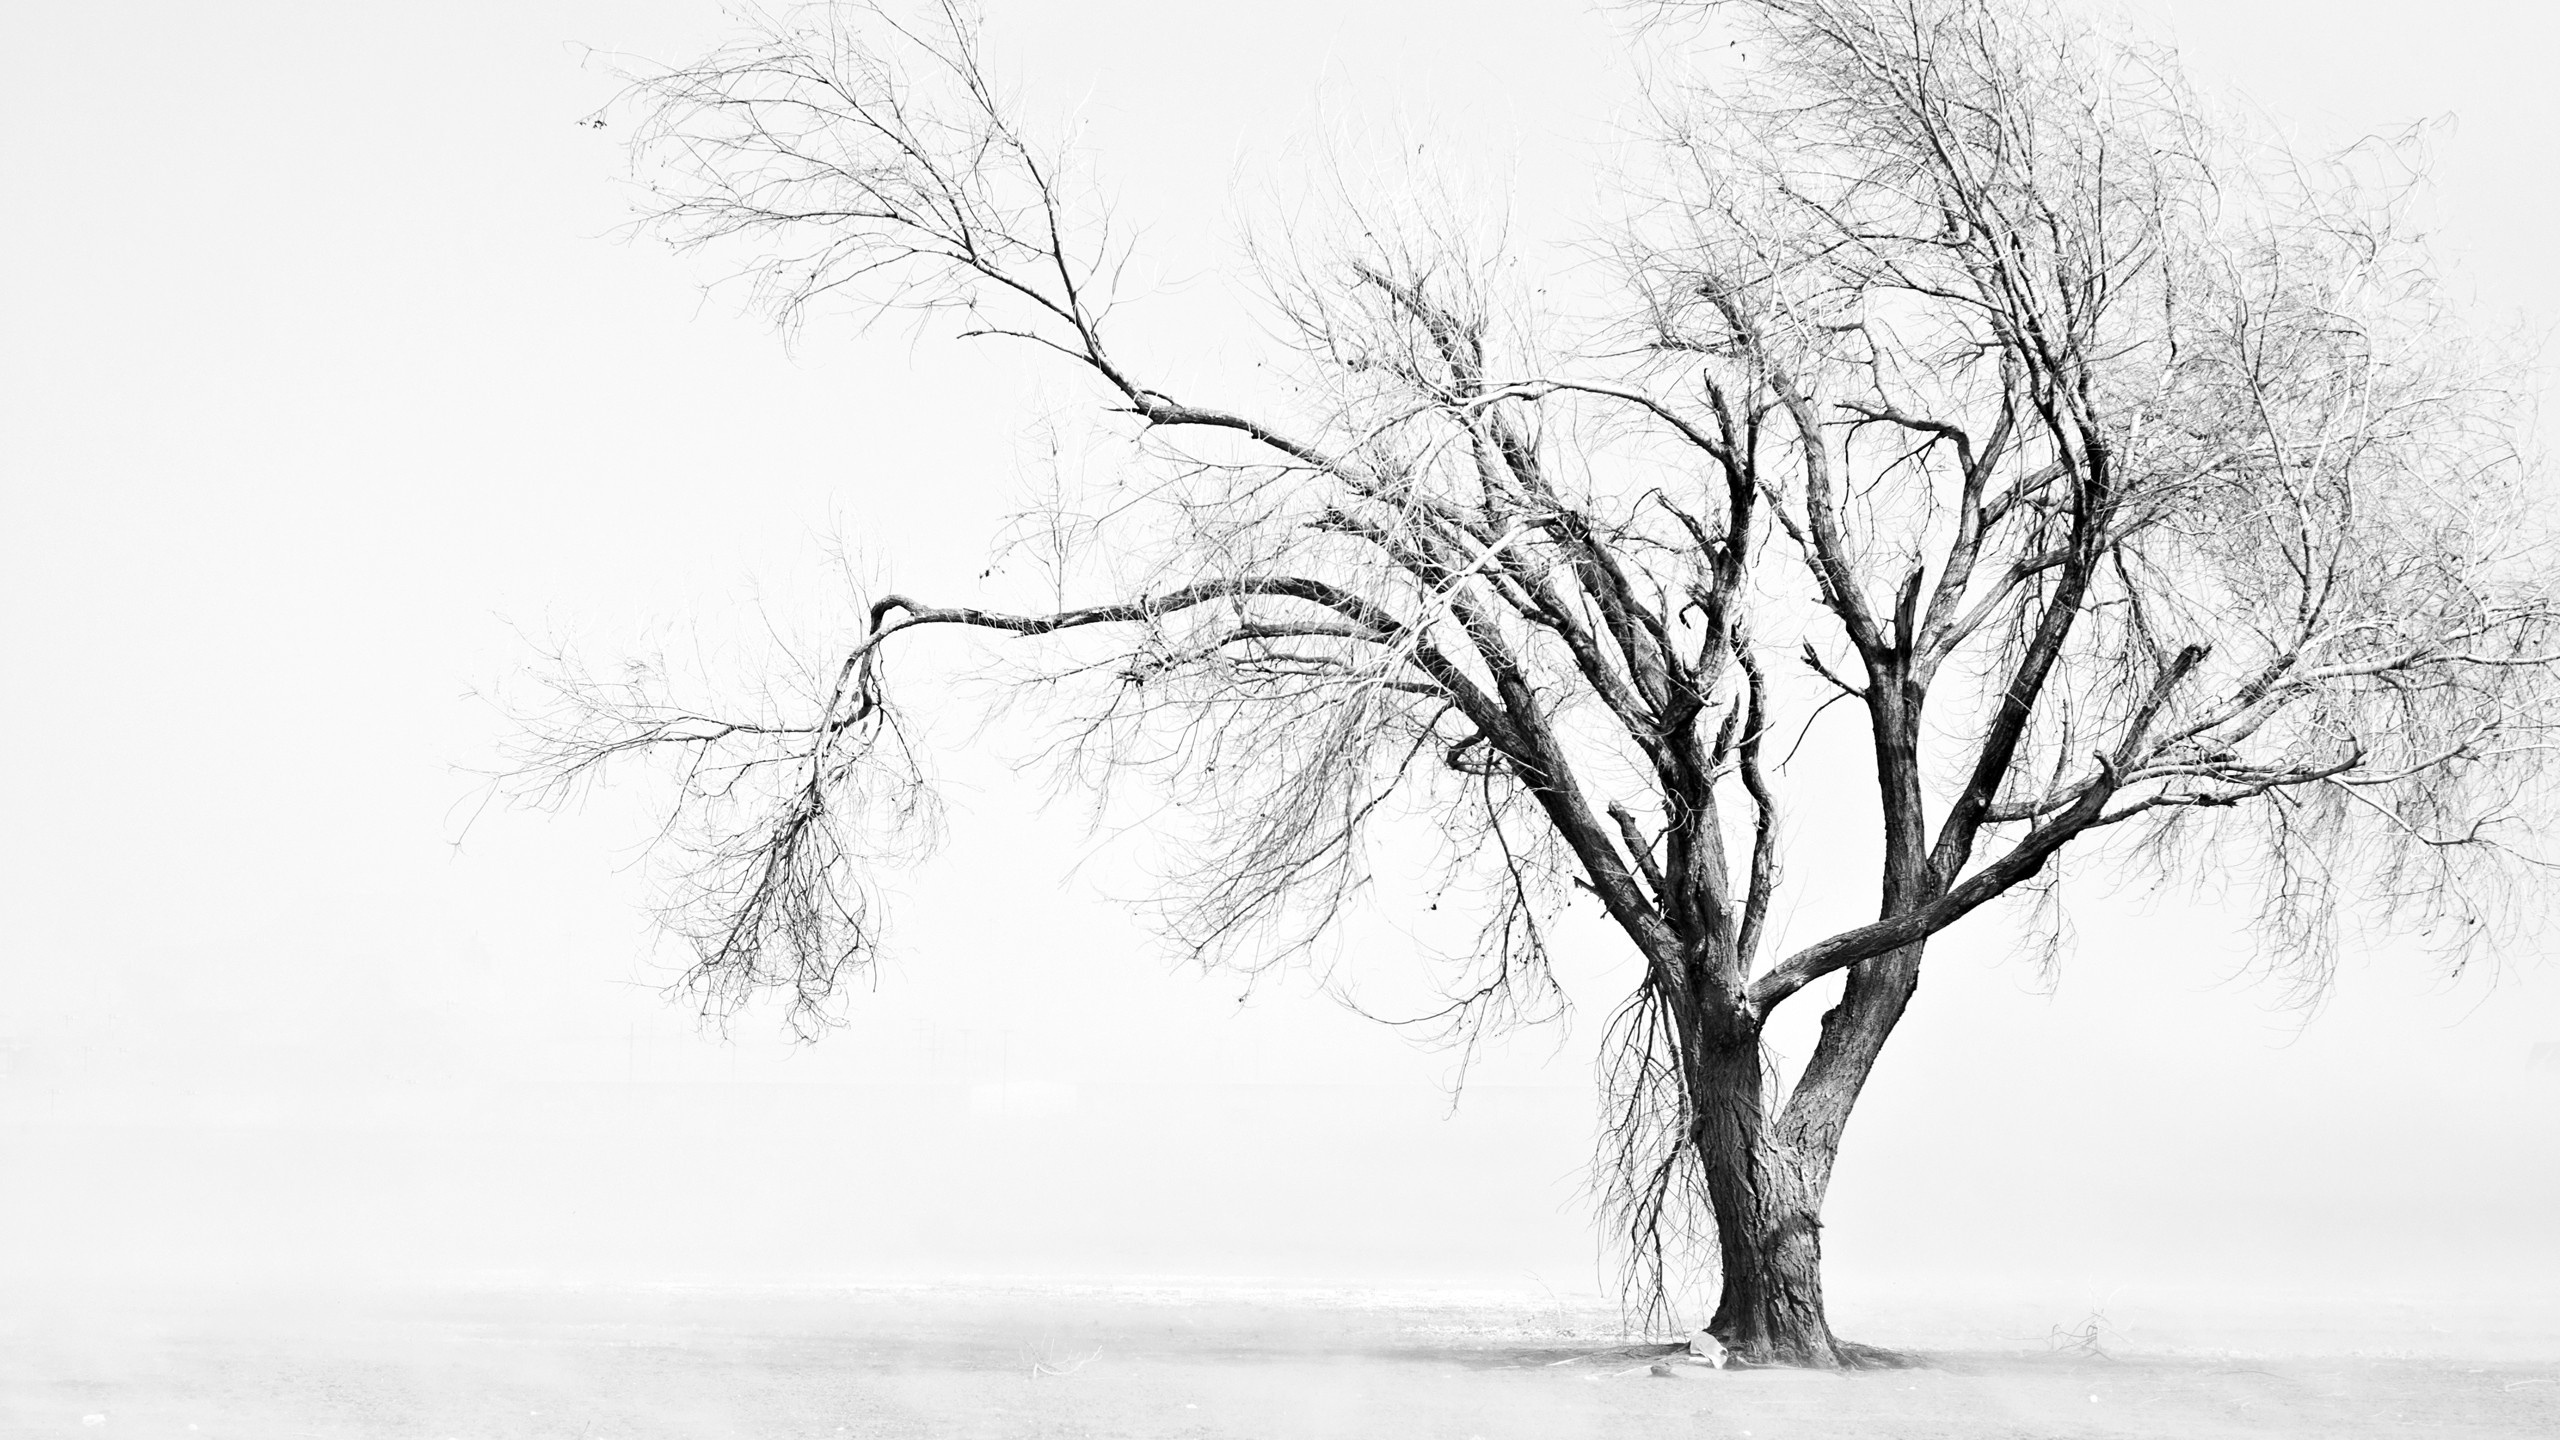 Dark Fall Iphone Wallpaper Sad Tree Hd Wallpaper Background Image 2560x1440 Id